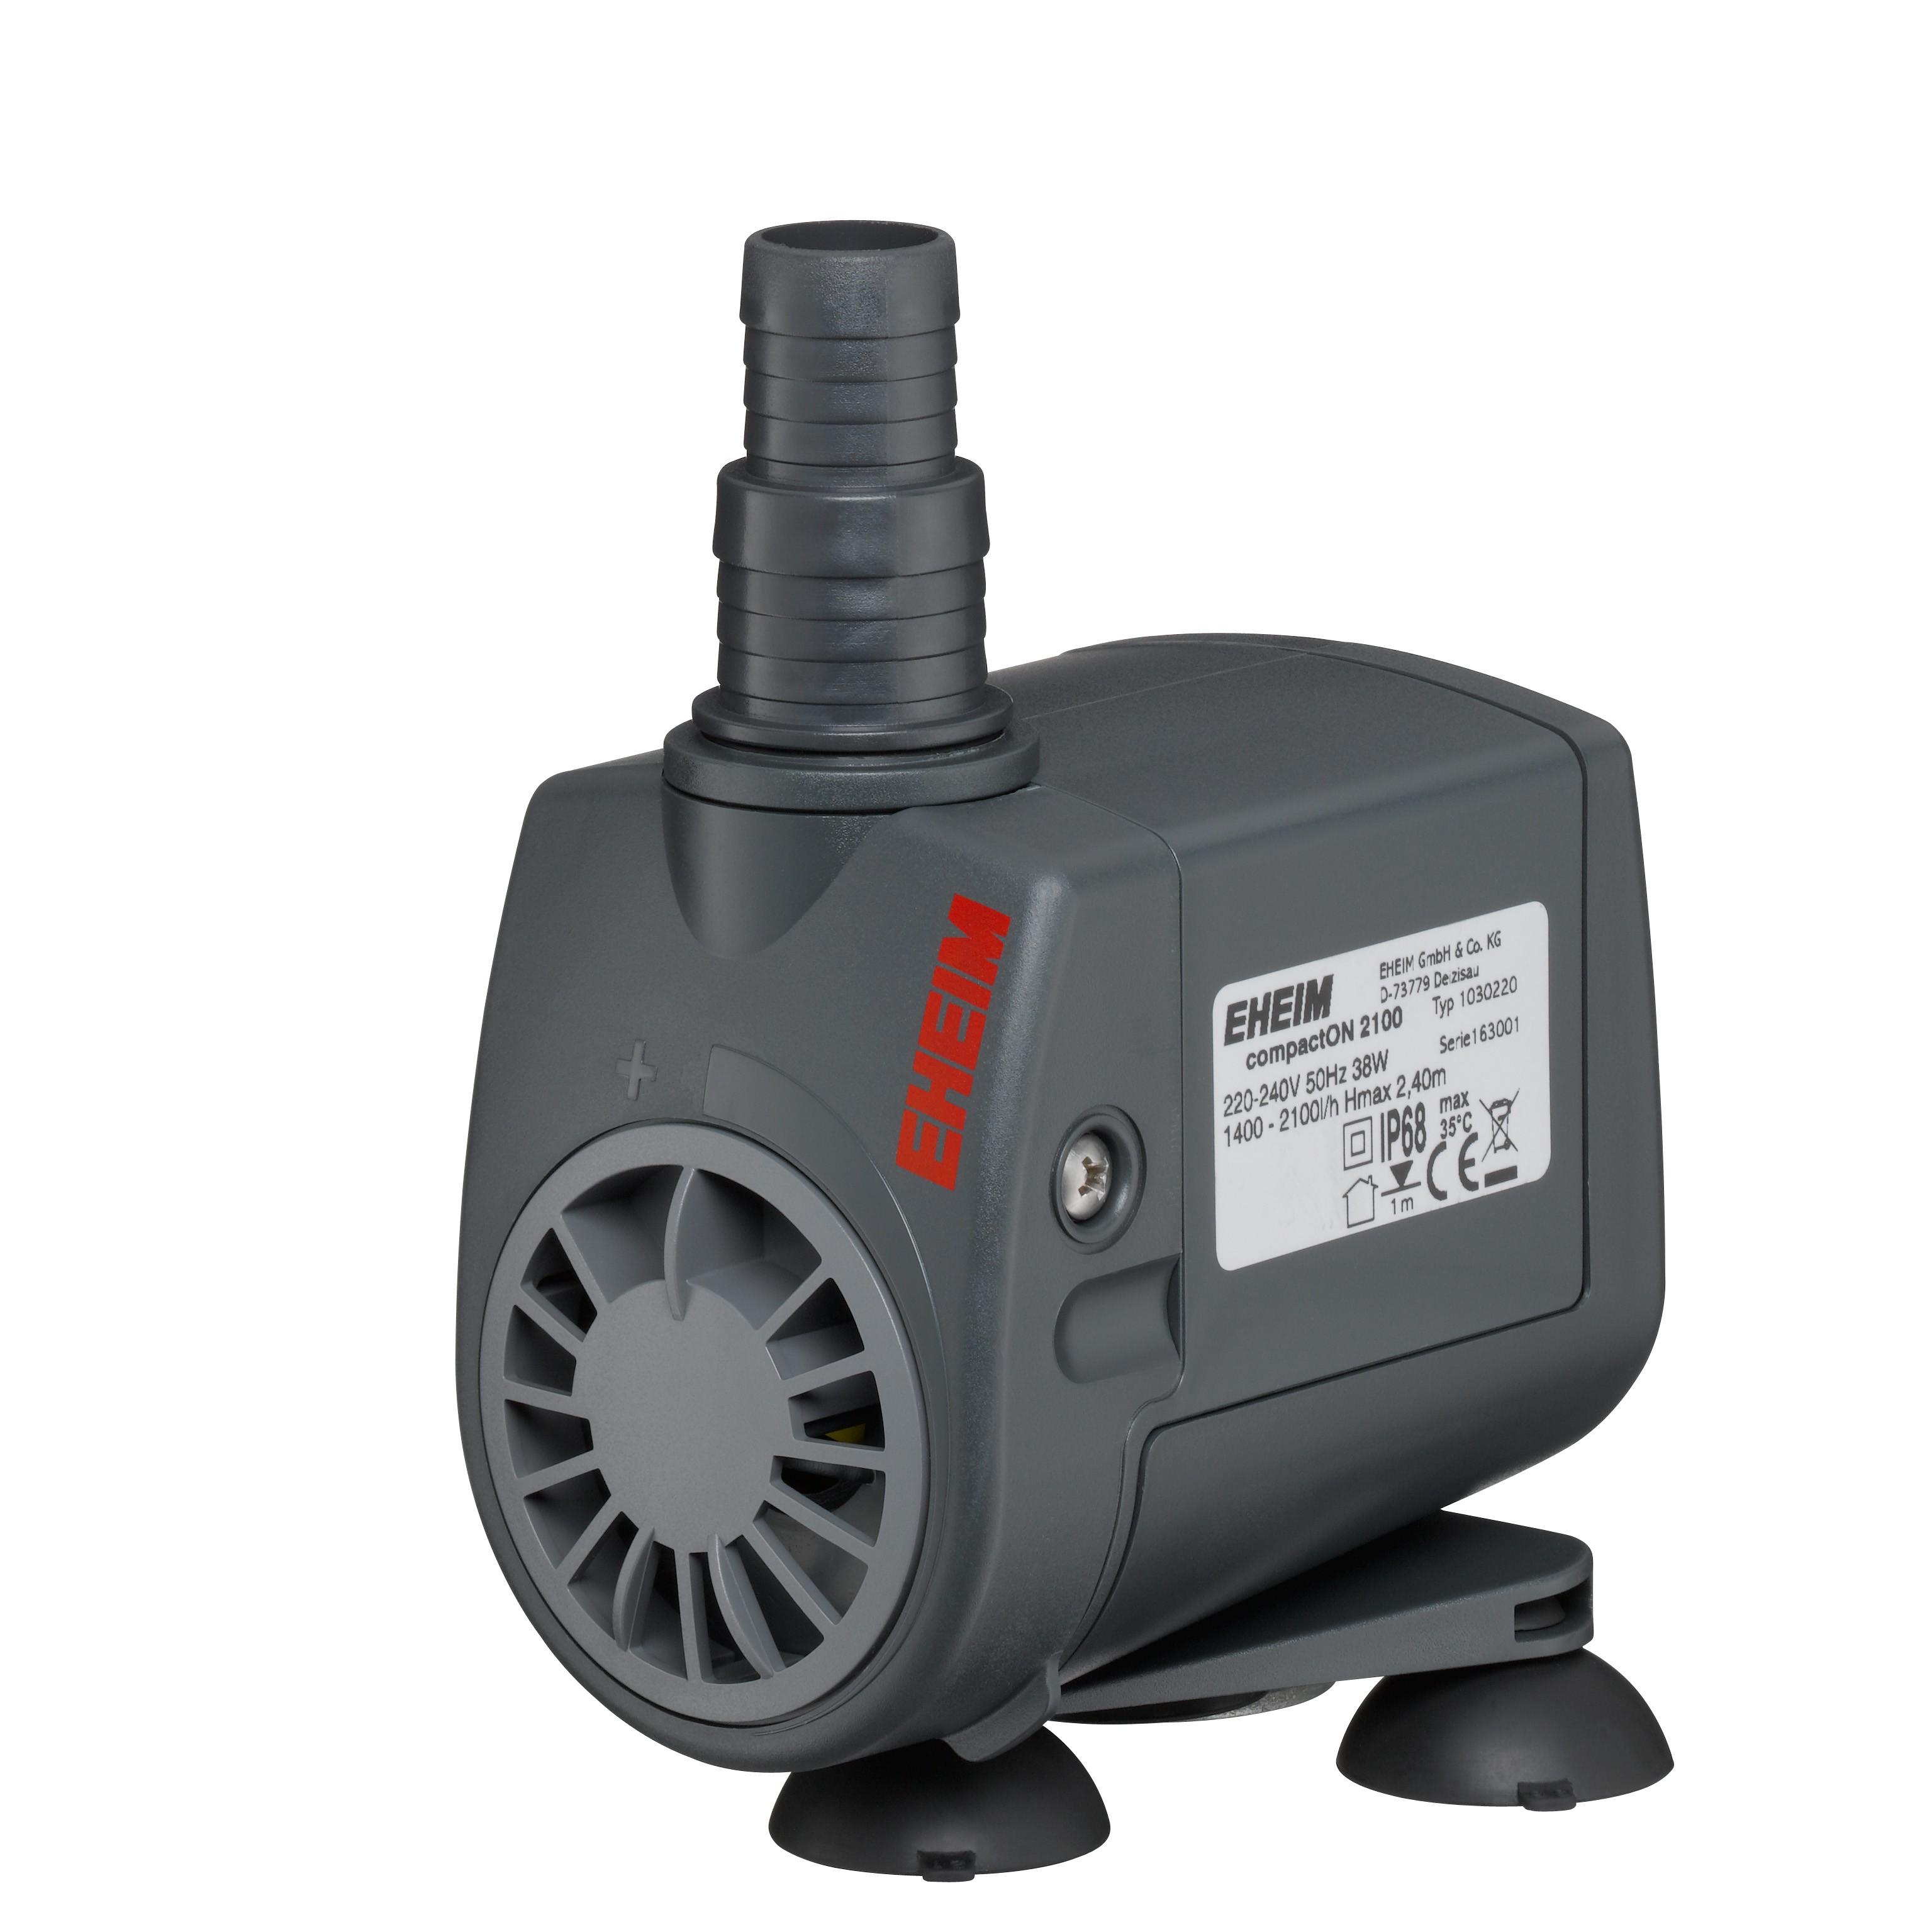 Eheim Compact on 2100 Powerhead